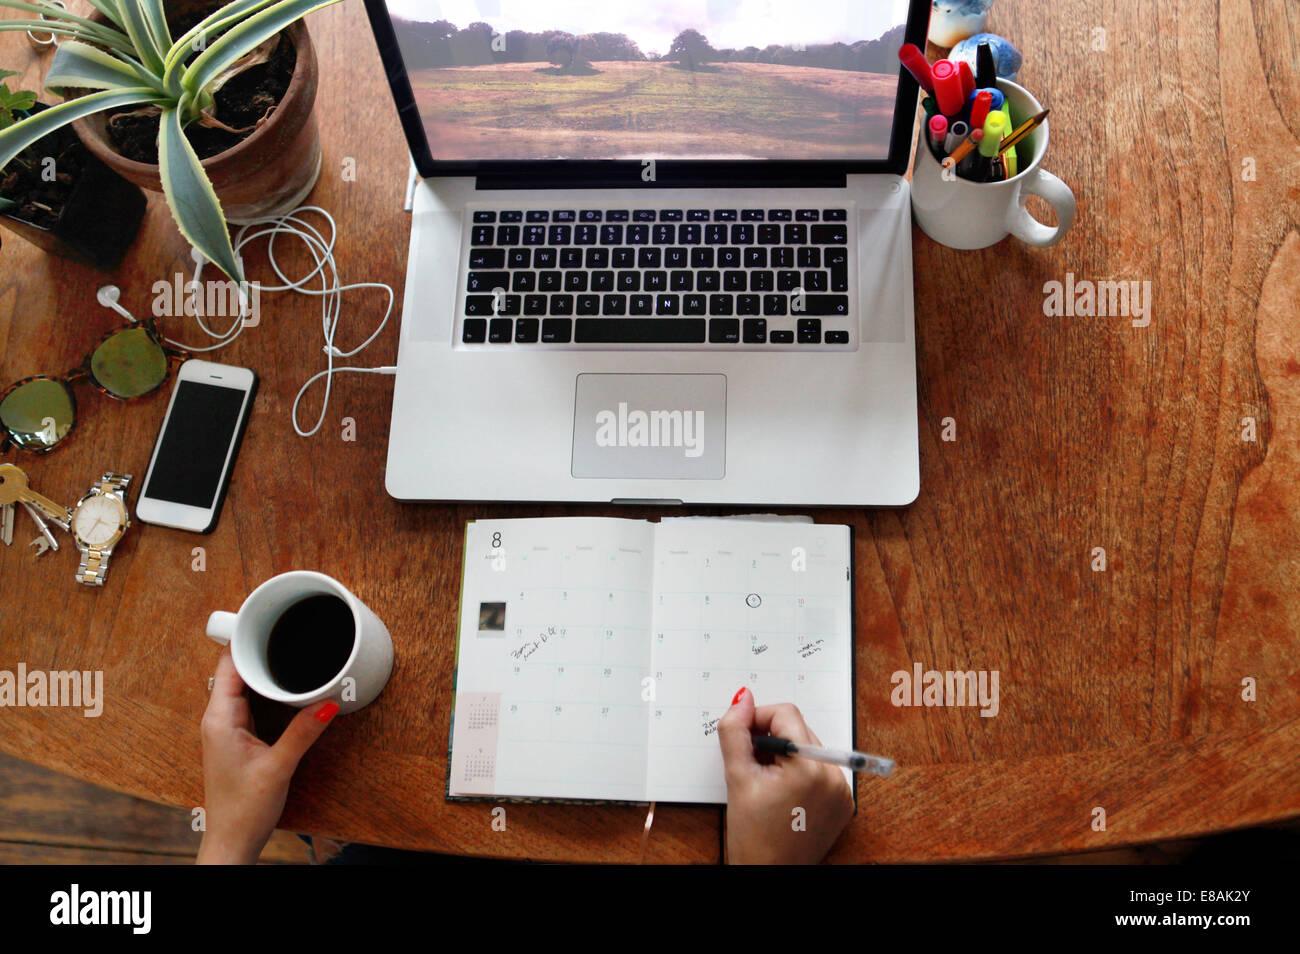 Persona escrito en diario con portátil en el escritorio Imagen De Stock